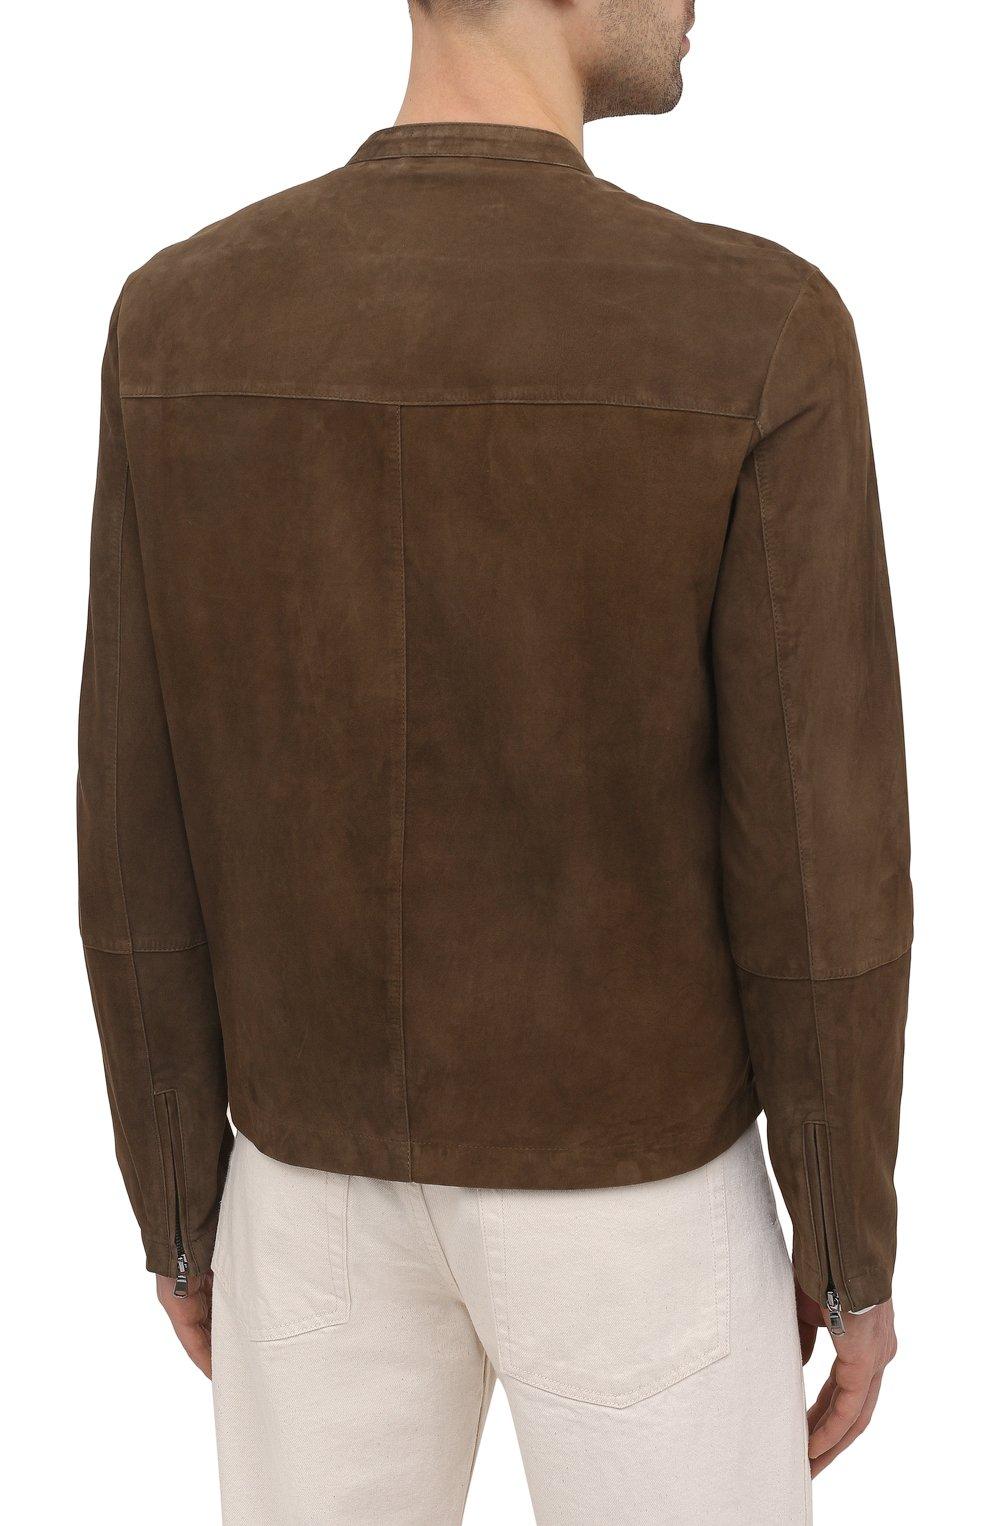 Мужская замшевая куртка GIORGIO BRATO коричневого цвета, арт. GU21S9451G0SU   Фото 4 (Кросс-КТ: Куртка; Материал внешний: Замша; Рукава: Длинные; Мужское Кросс-КТ: Кожа и замша; Длина (верхняя одежда): Короткие; Стили: Кэжуэл)